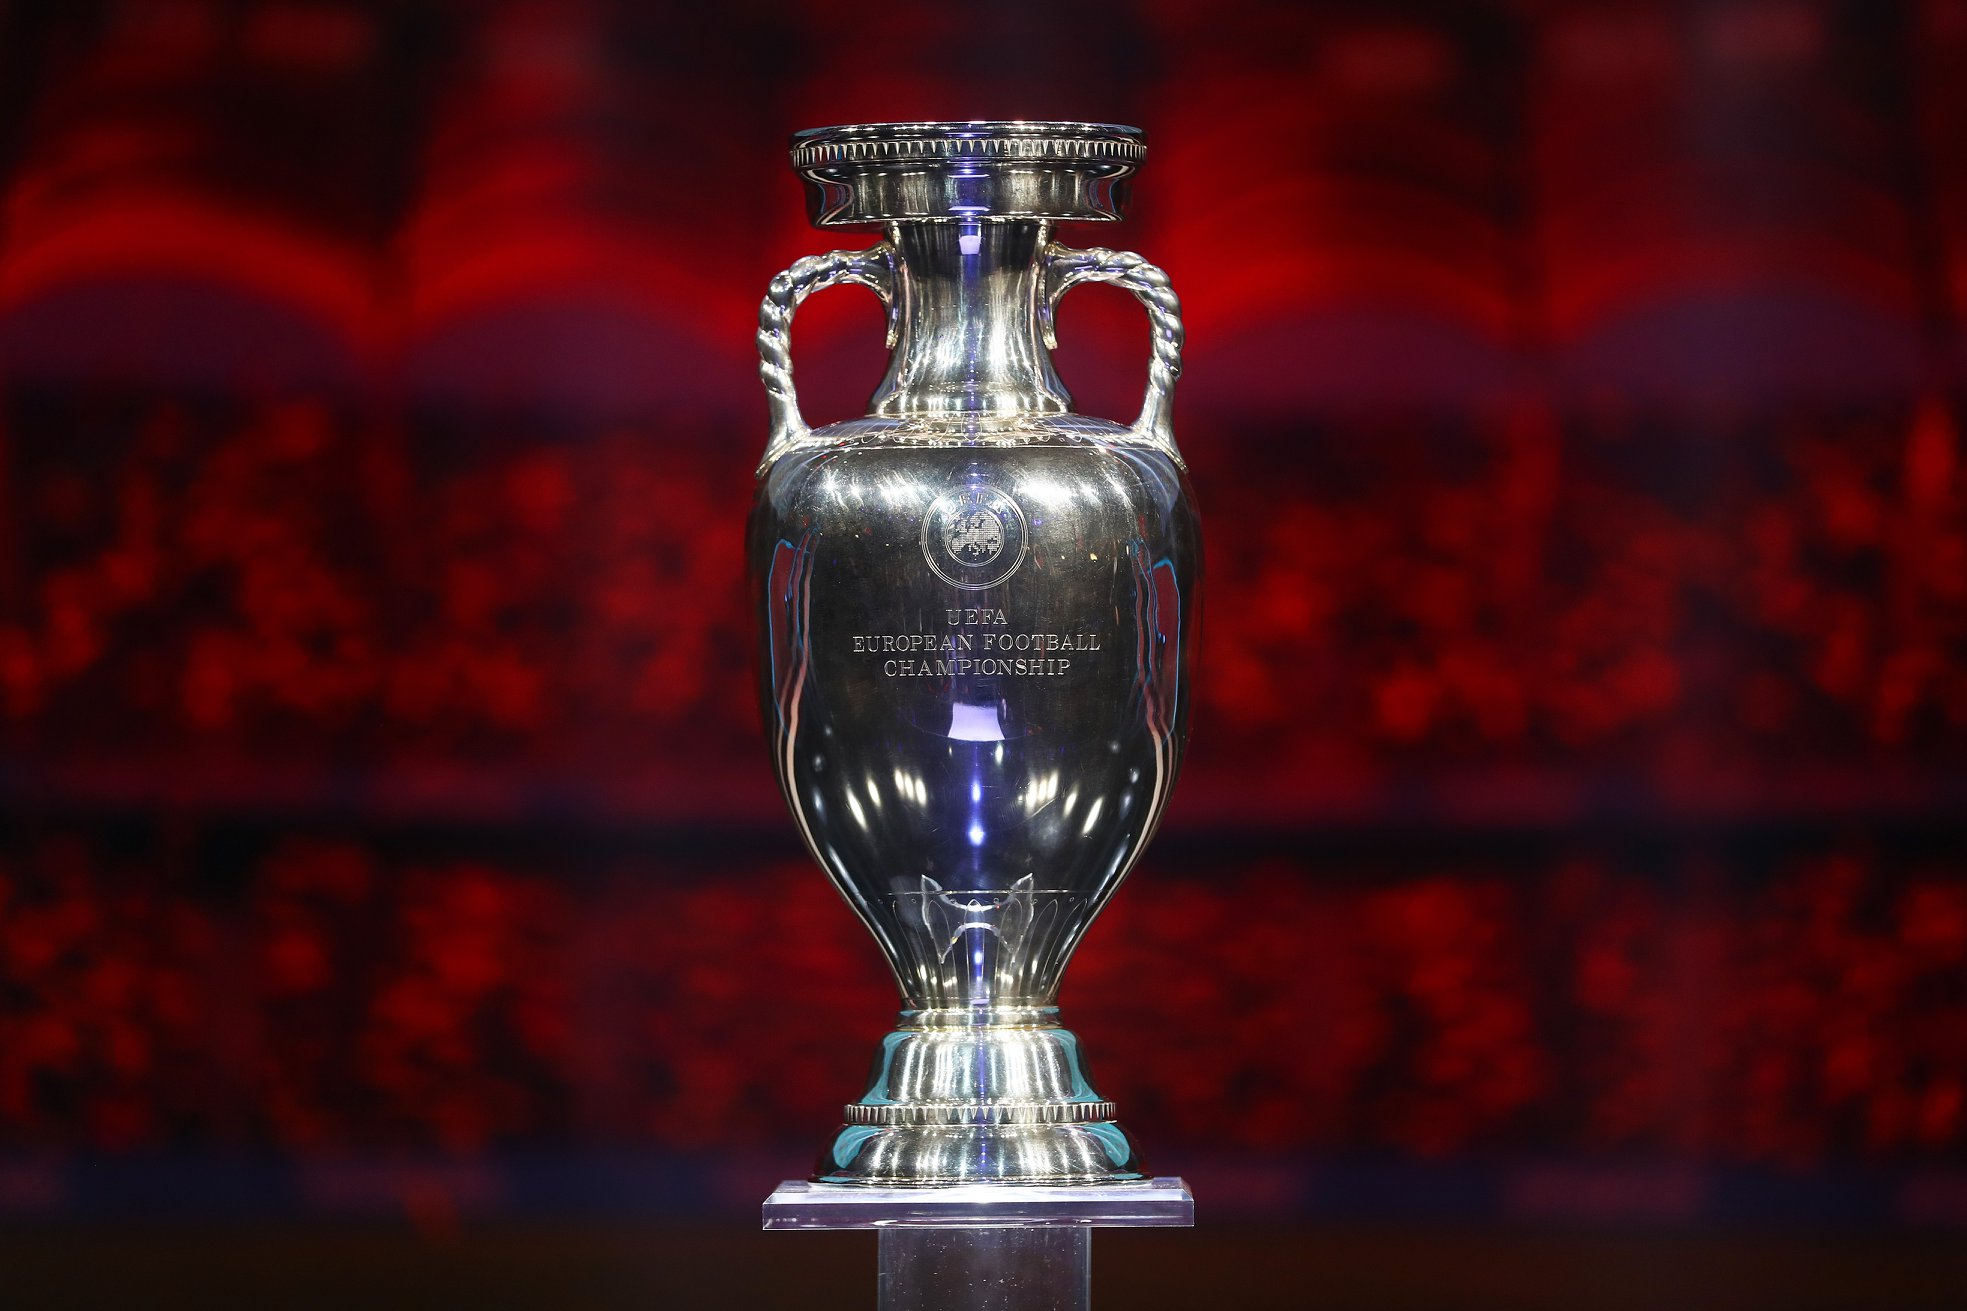 De her tre talenter skal du holde øje med til EM 2020